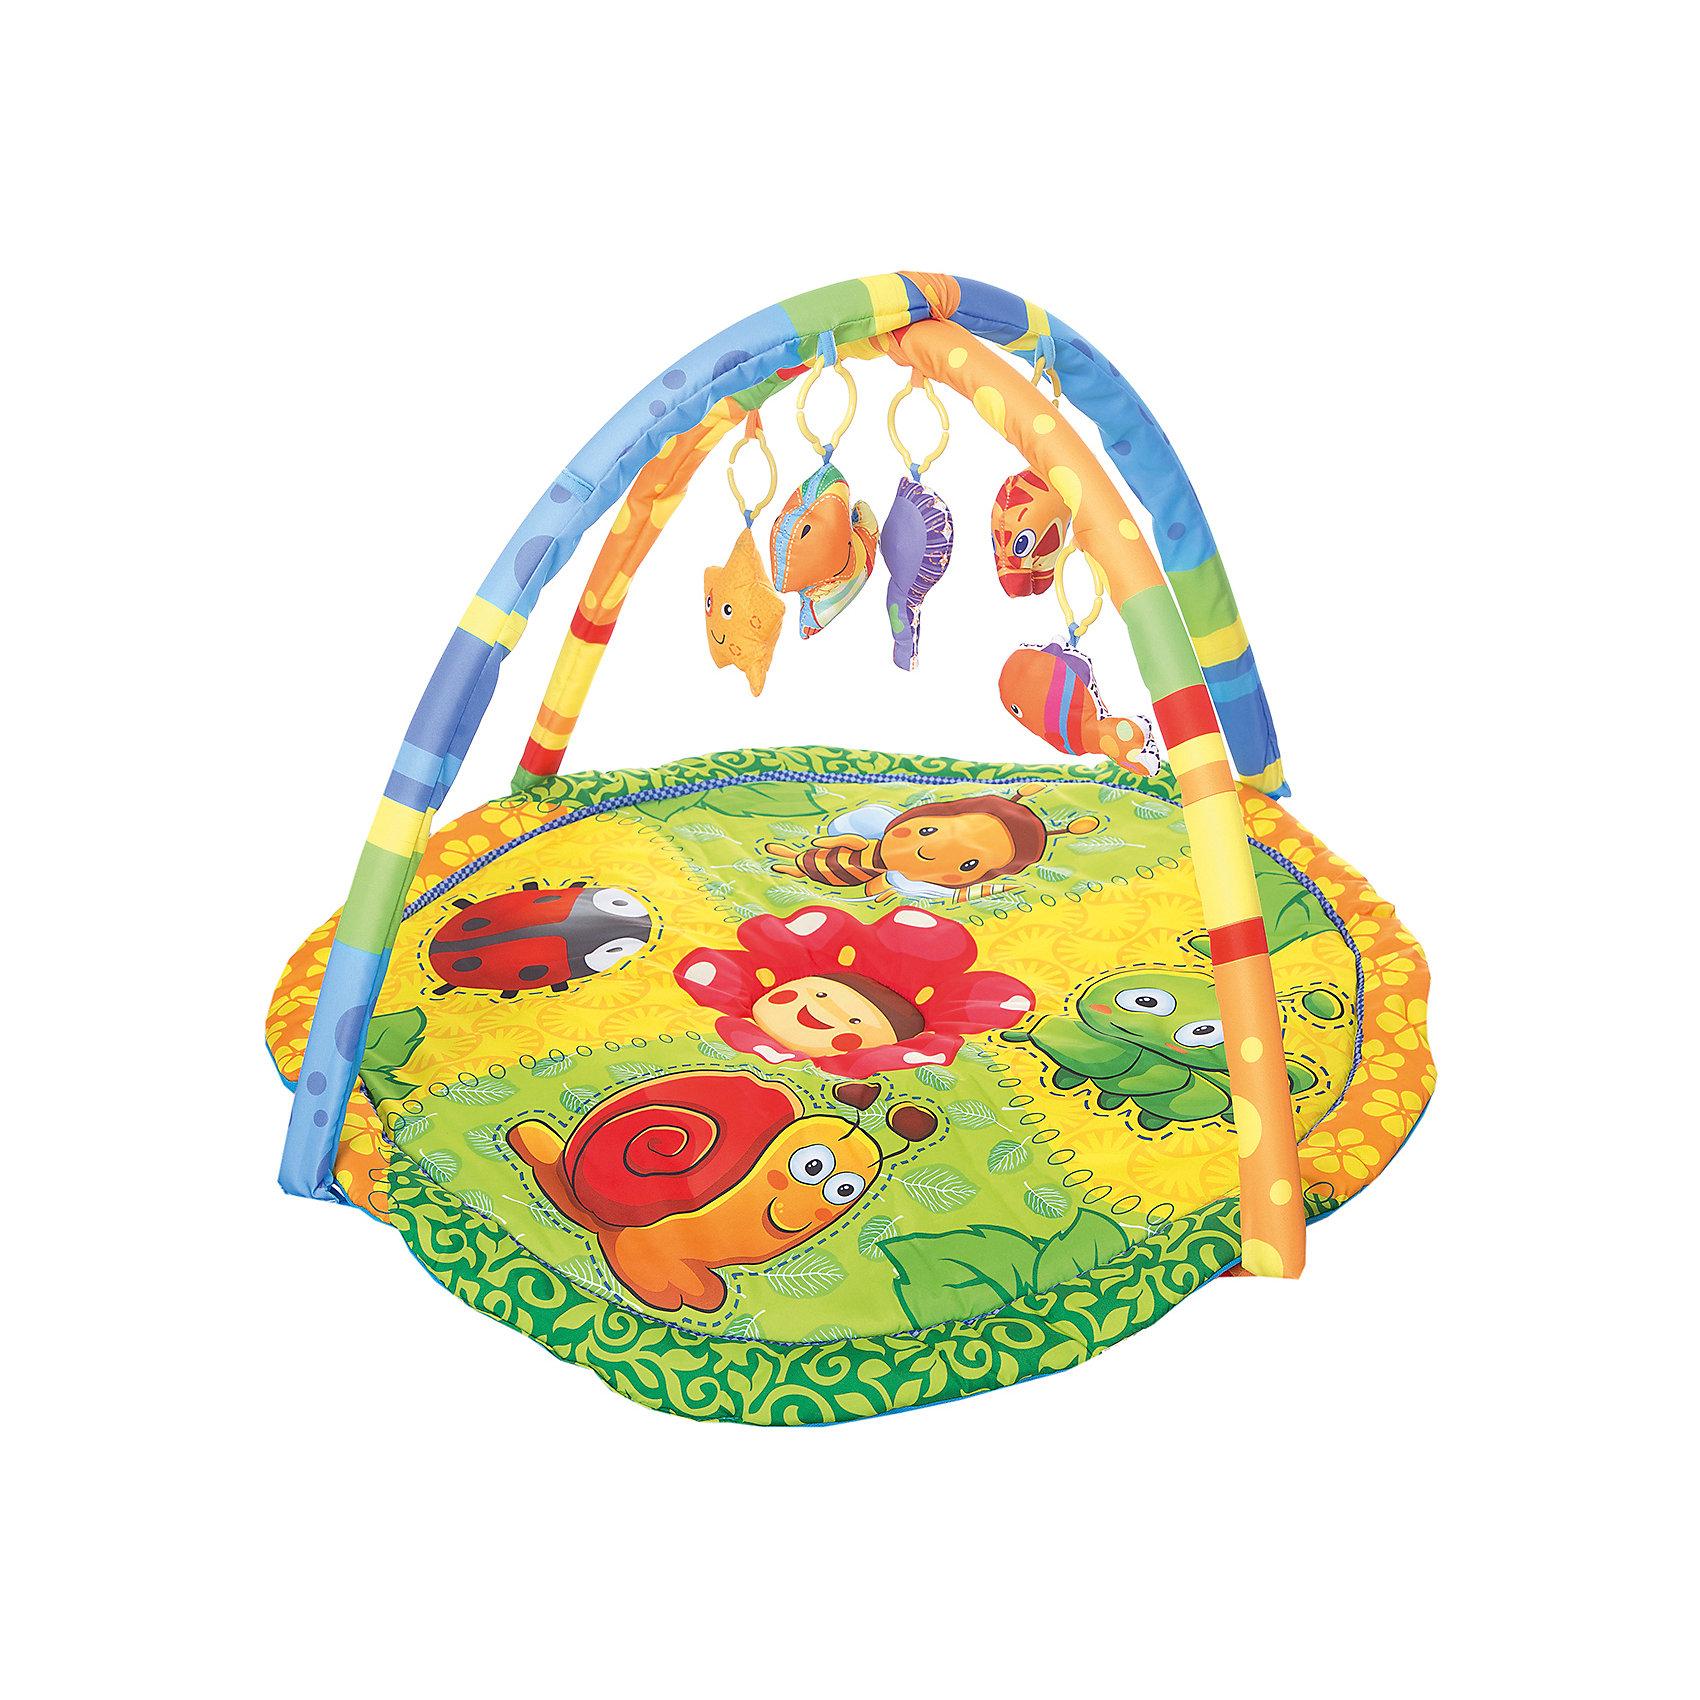 Детский игровой коврик с мягкими игрушками на подвеске, УмкаДетский игровой коврик, произведенный из текстиля с наполнителем позволяет безопасно находится на нем вашему малышу. Внимание ребенка привлекут мягкие 5 съемных игрушек в виде животных. Коврик так же имеет звуковые эффекты.<br><br>Ширина мм: 80<br>Глубина мм: 600<br>Высота мм: 460<br>Вес г: 1110<br>Возраст от месяцев: 6<br>Возраст до месяцев: 36<br>Пол: Унисекс<br>Возраст: Детский<br>SKU: 5099052